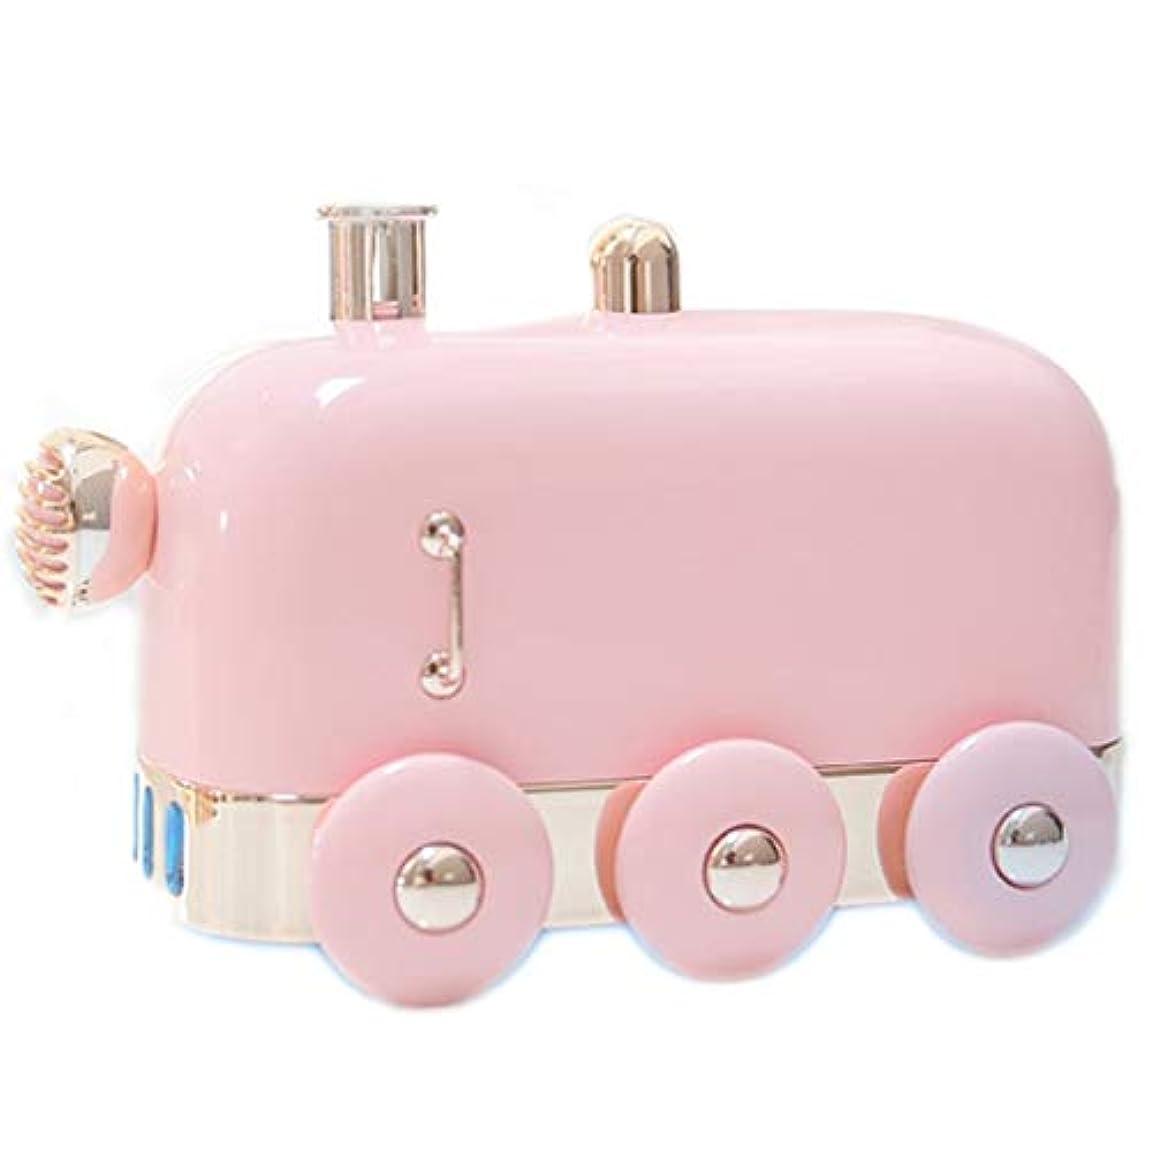 分析的な解説エゴイズムアロマセラピーエッセンシャルオイルディフューザー、アロマディフューザークールミスト加湿器ウォーターレスオートシャットオフホームオフィス用ヨガ (Color : Pink)